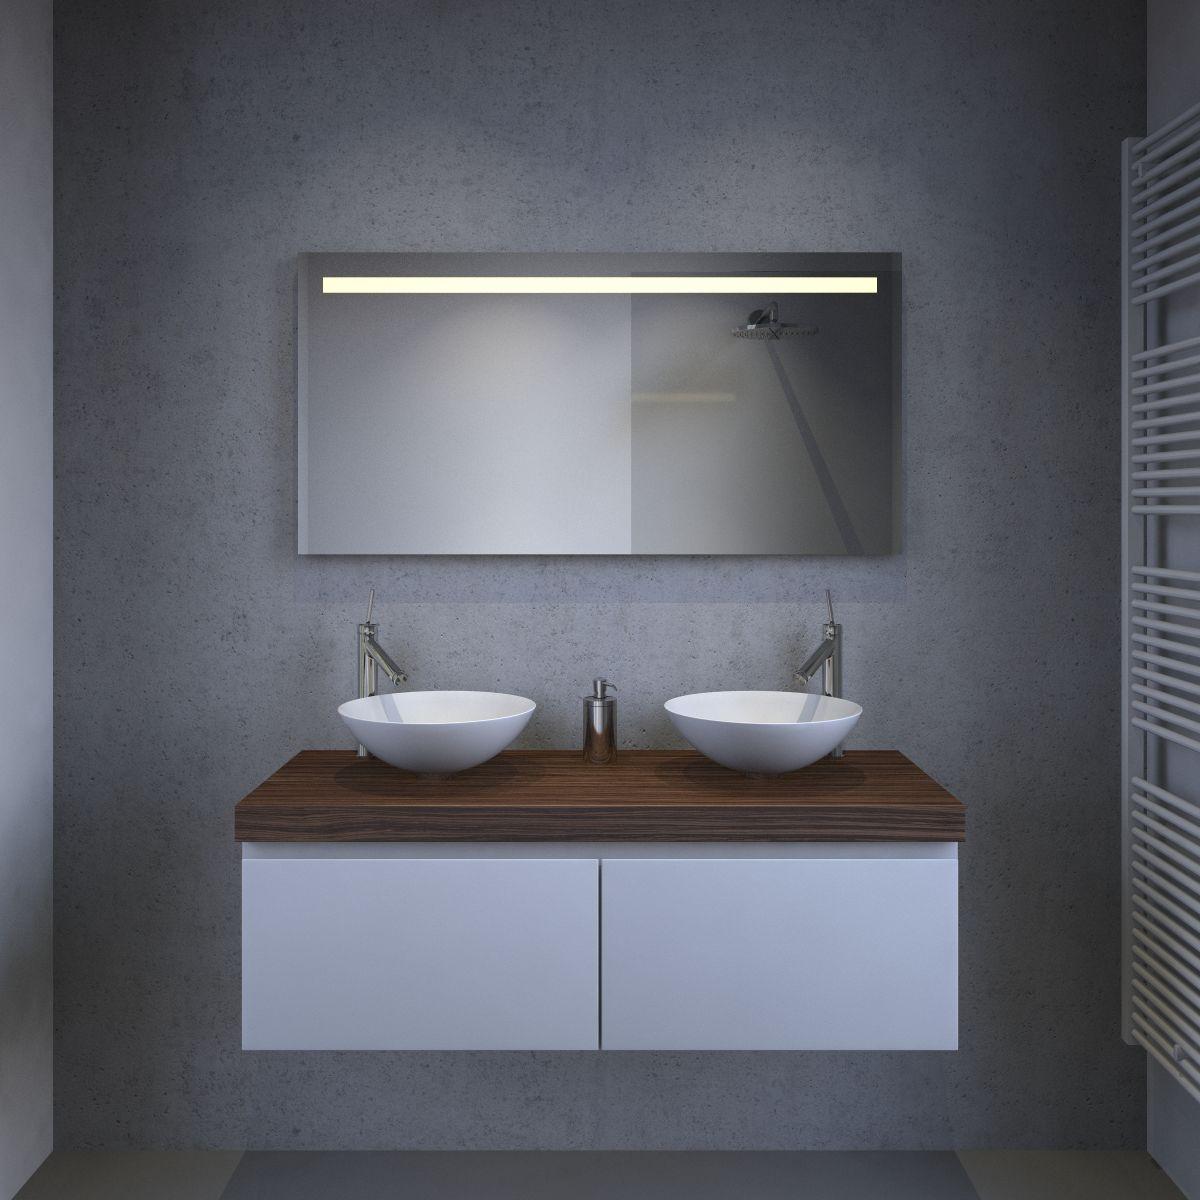 Stopcontact badkamer voorbeelden van een kleine badkamer met wasmachine - Klein badkamer model ...